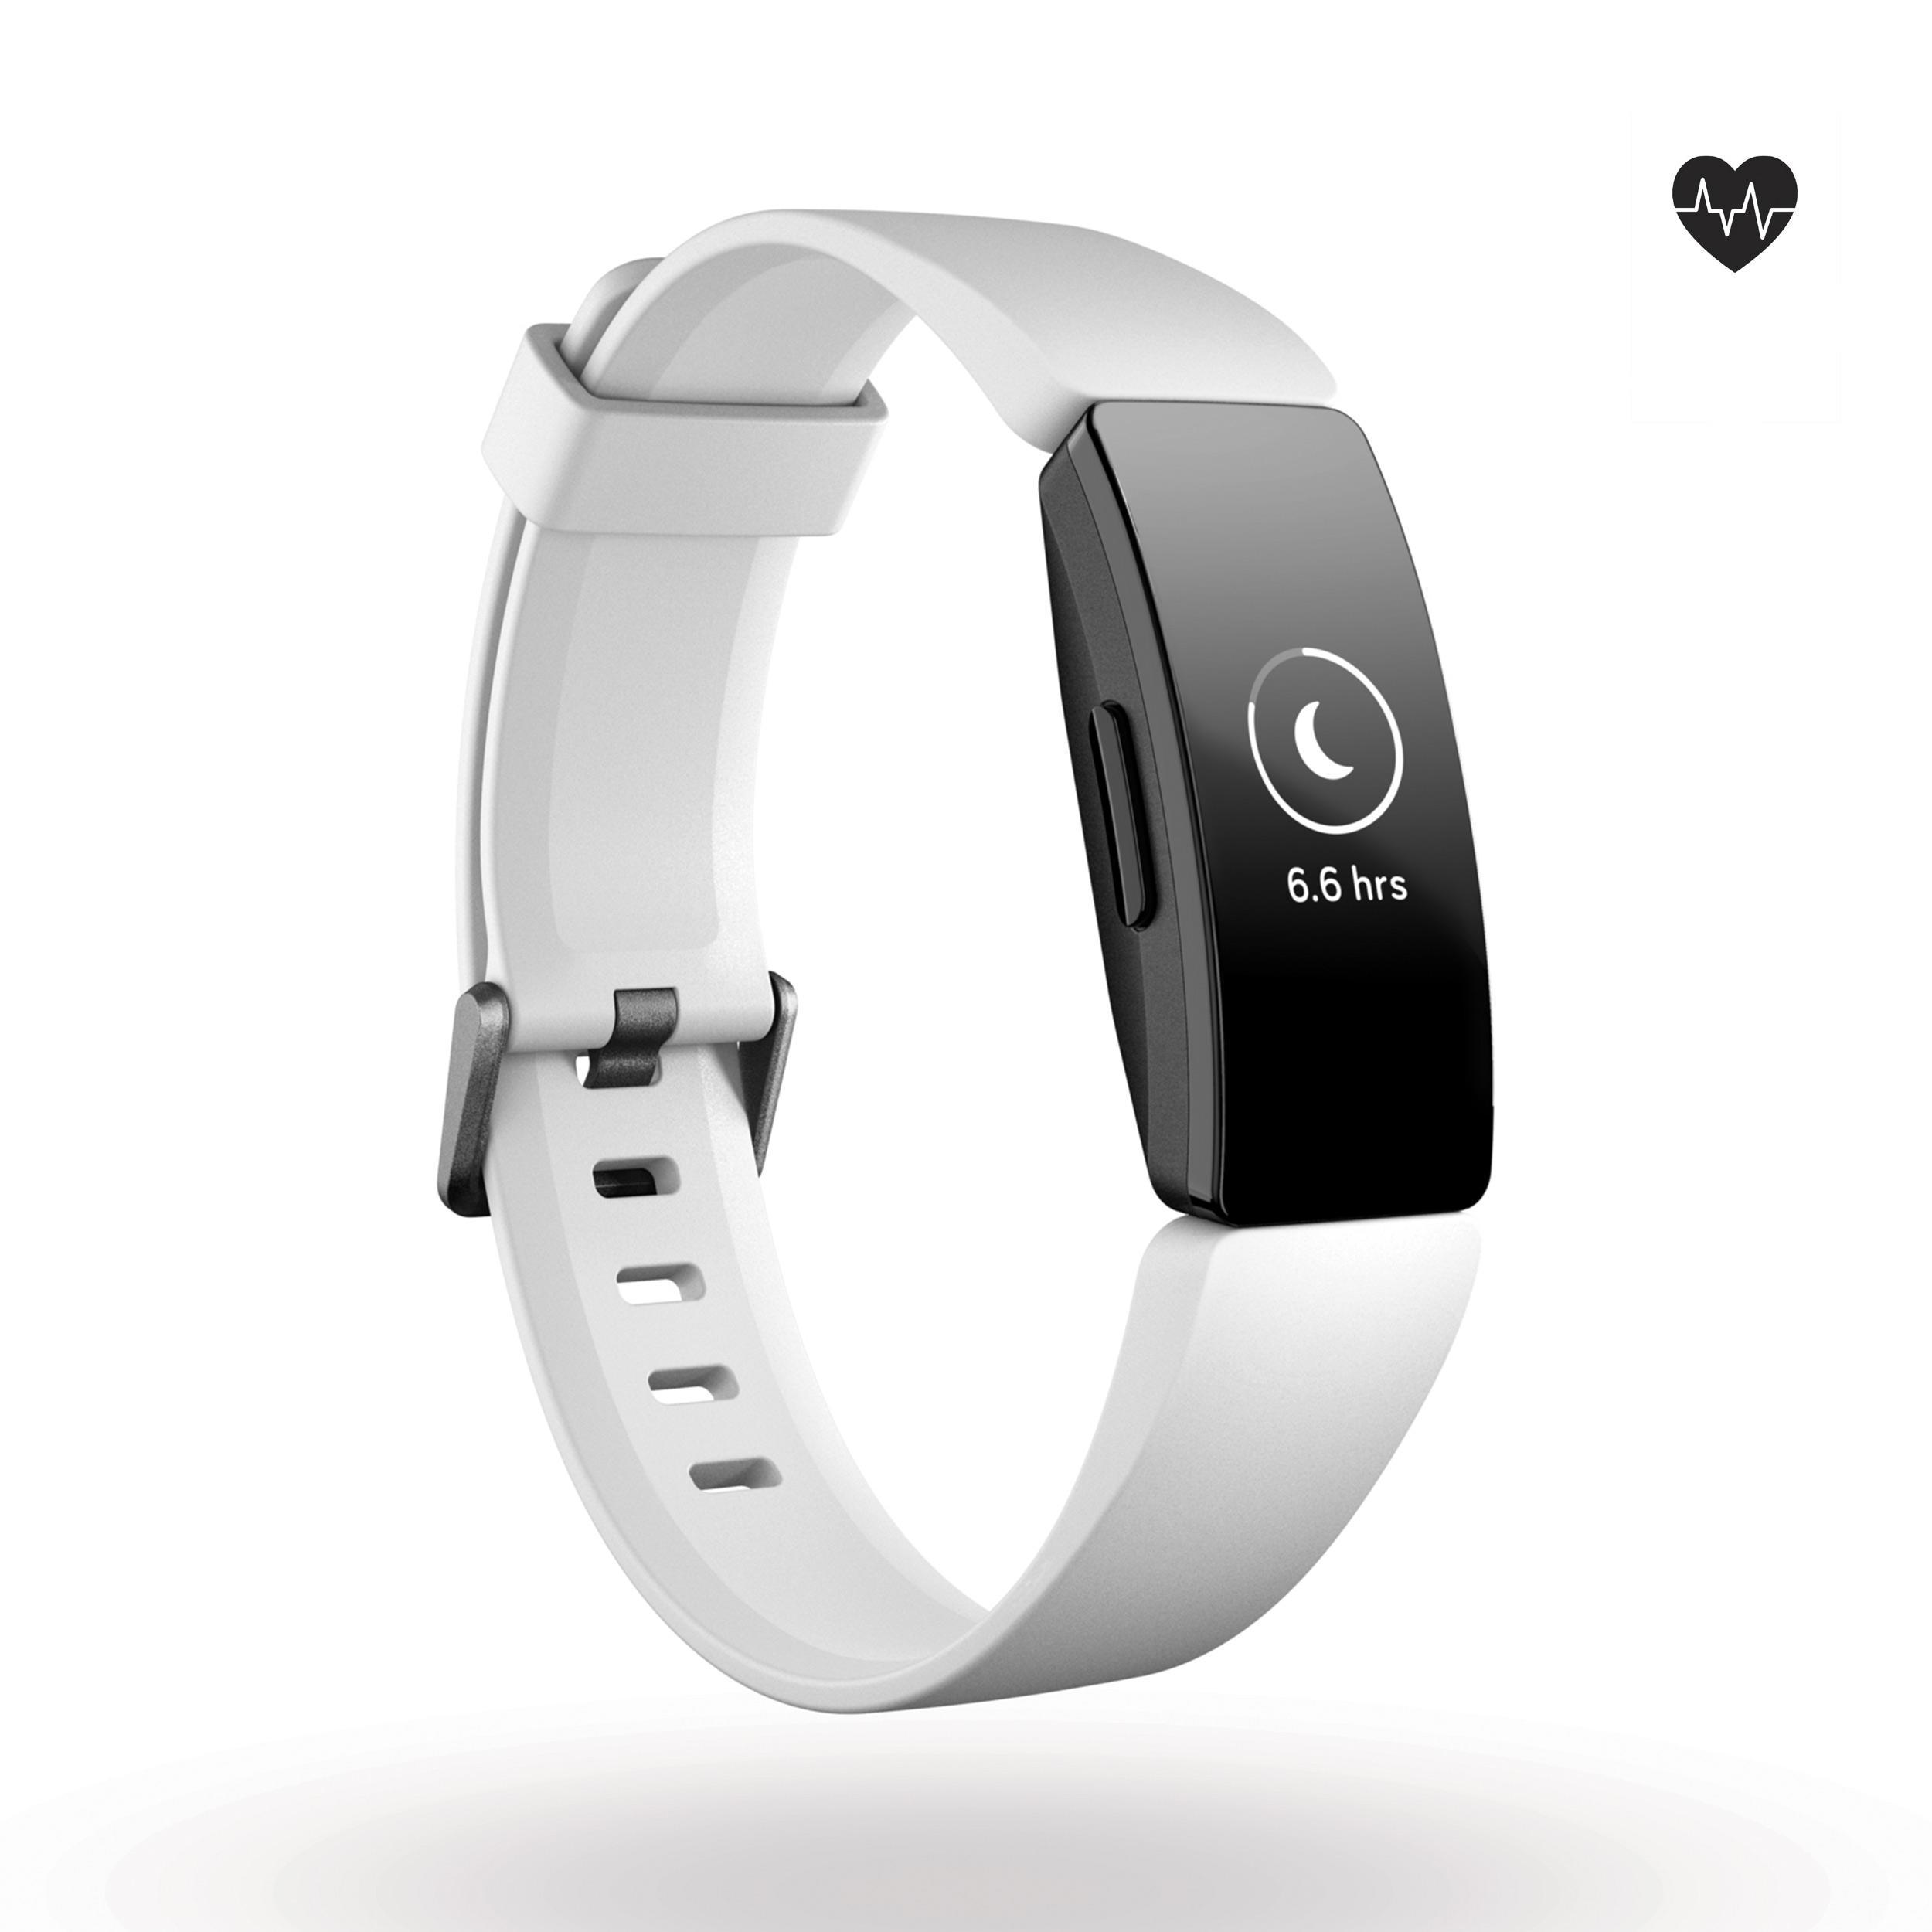 Fitnessarmband Inspire HR mit Herzfrequenzmessung am Handgelenk weiß | Schmuck > Armbänder > Fitness-Armbänder | Fitbit